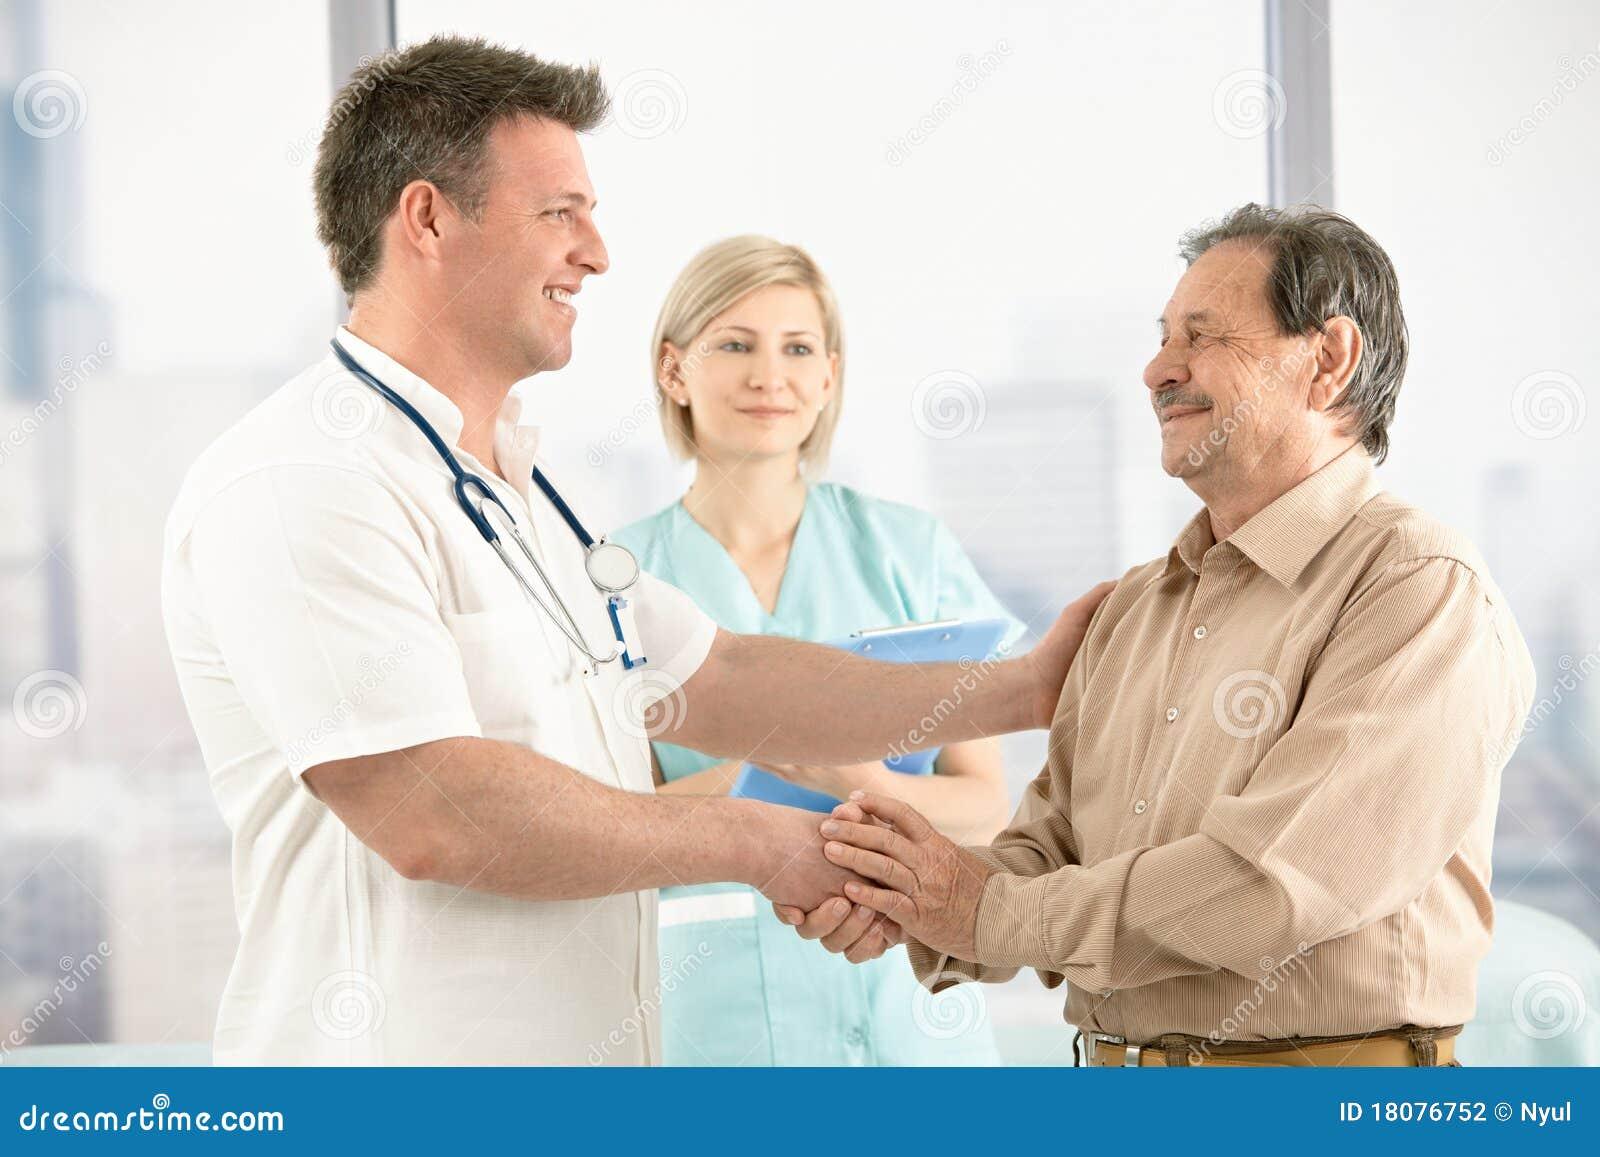 Лекарства повышающие мужскую эрекцию